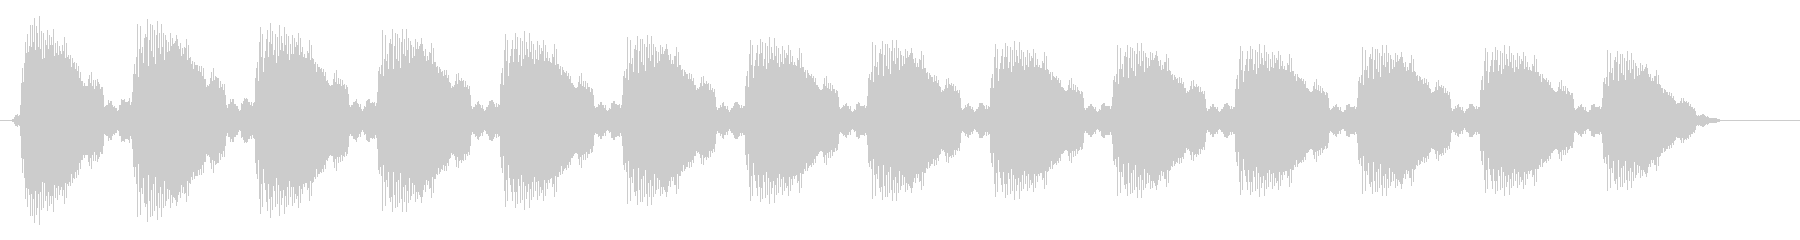 キレのある音が連続する効果音の未再生の波形